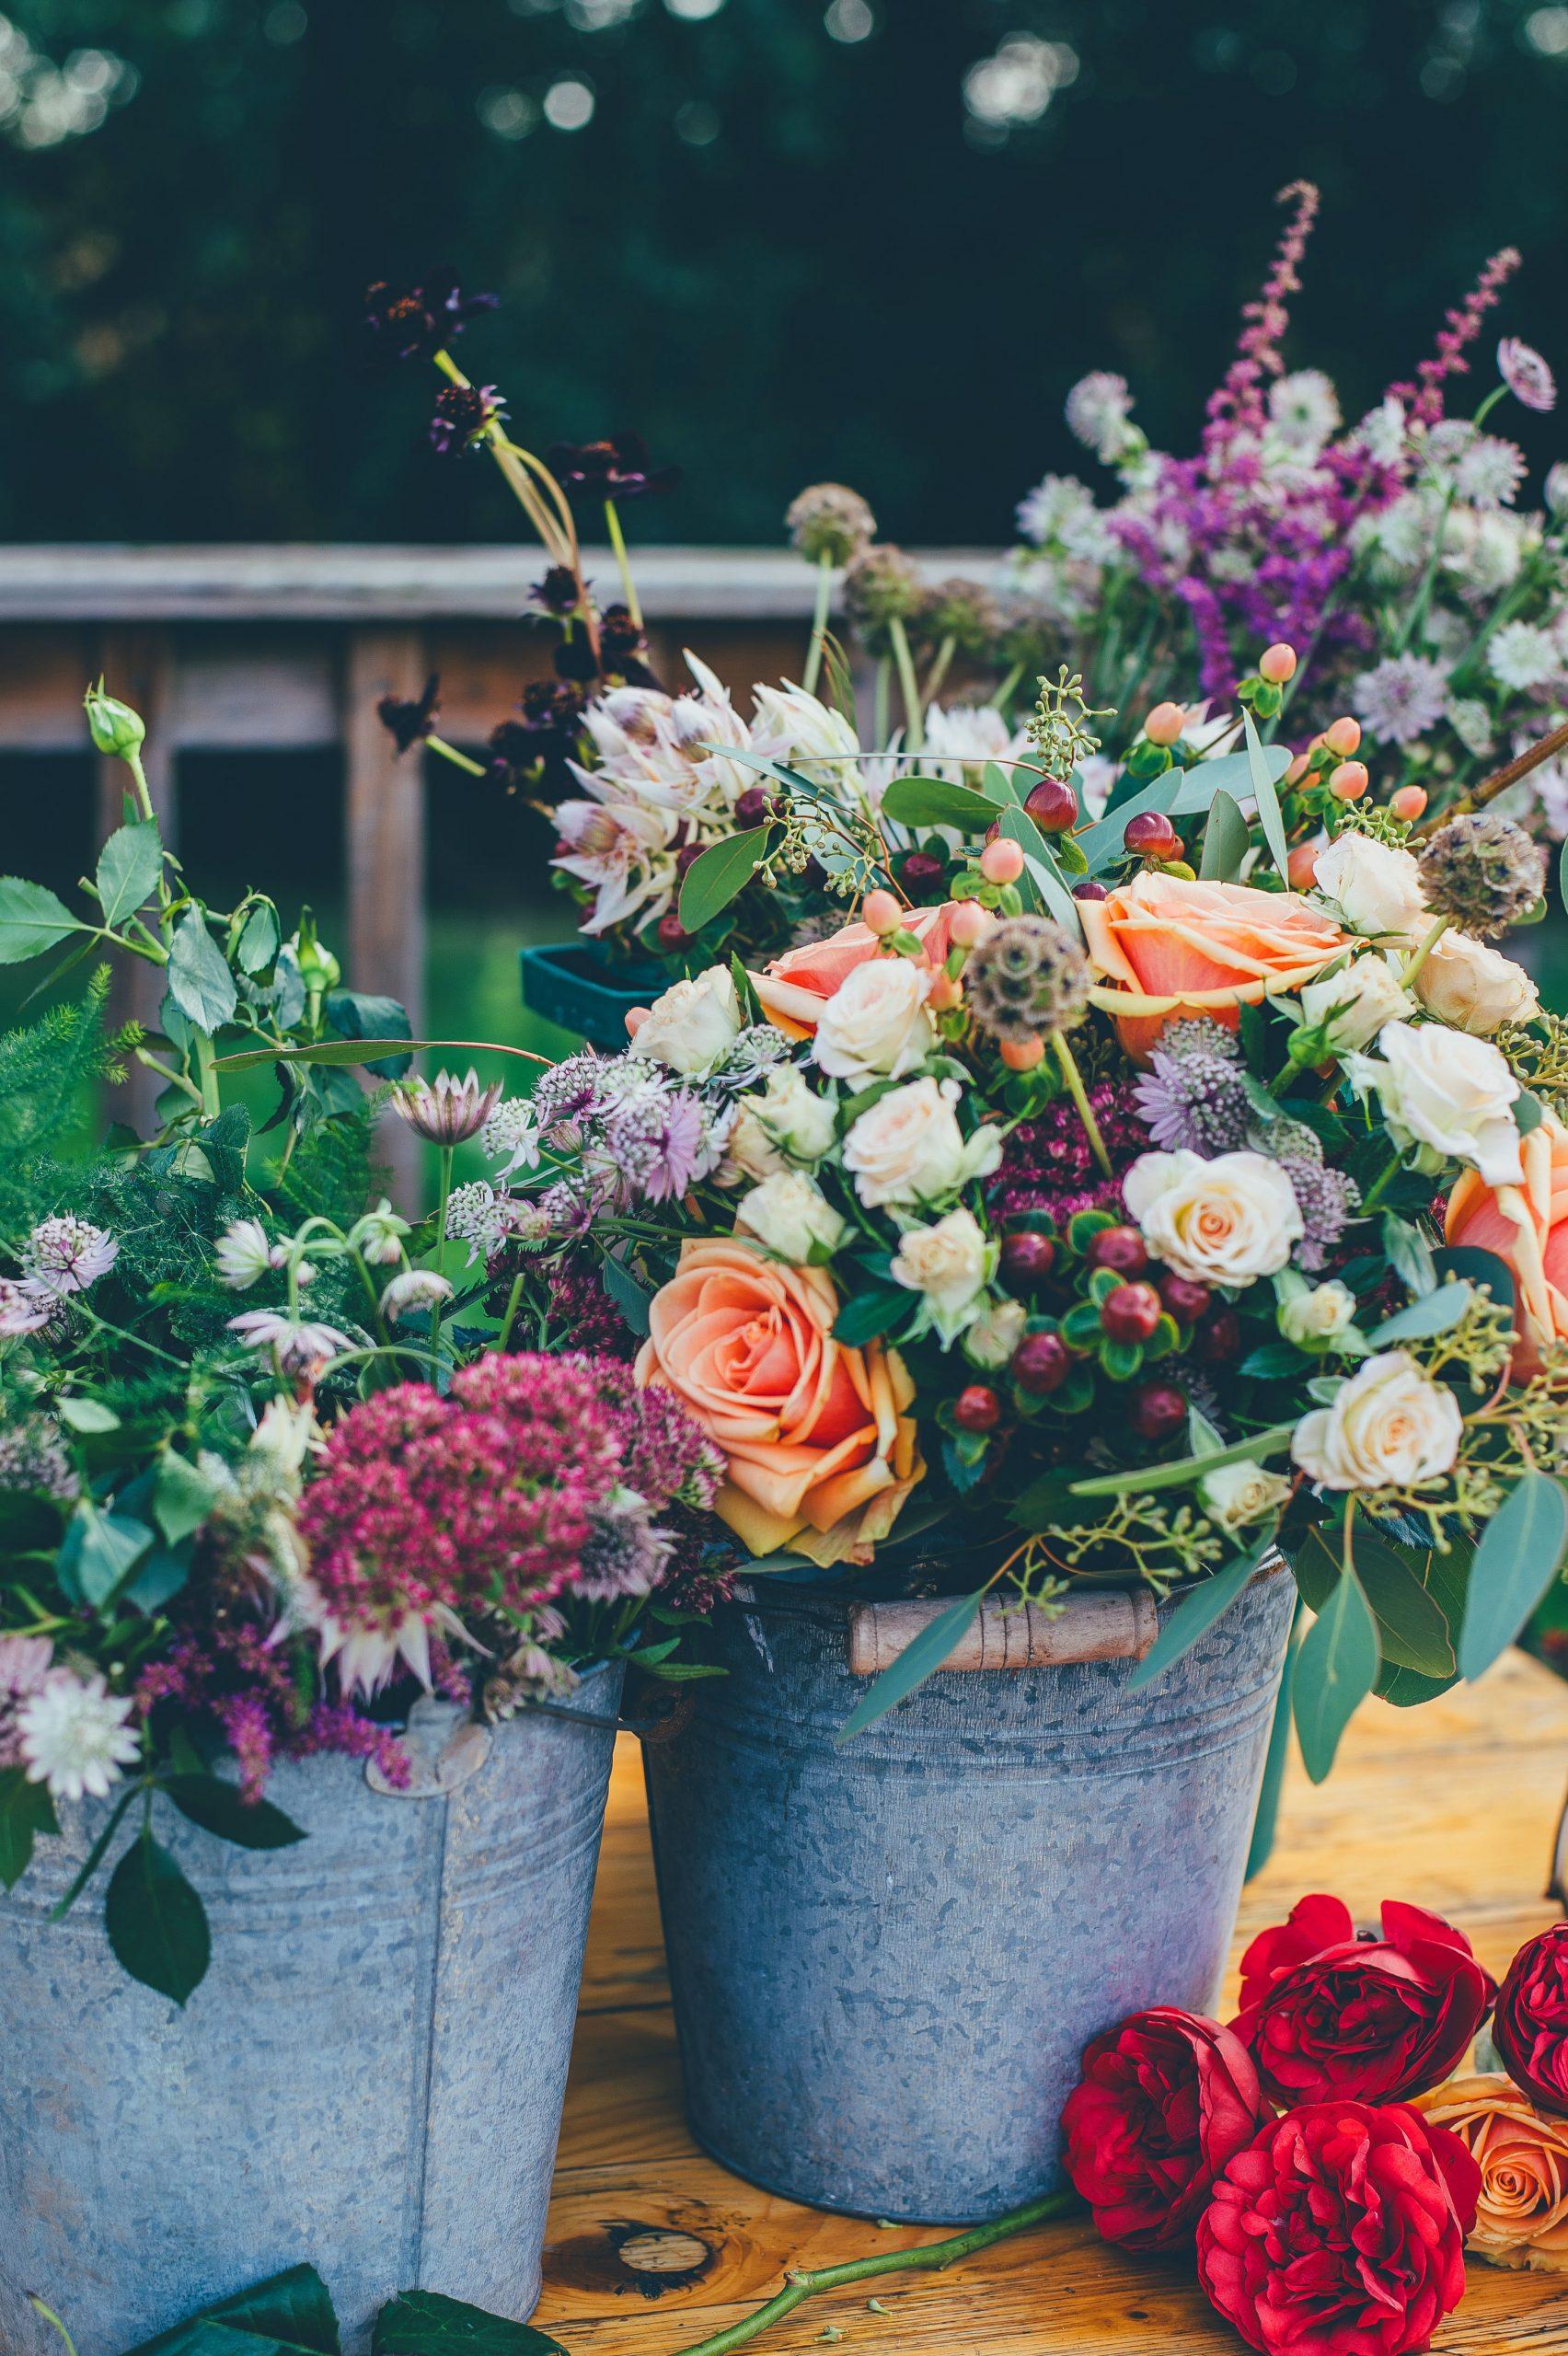 flower Love Couple Sad Dp Images